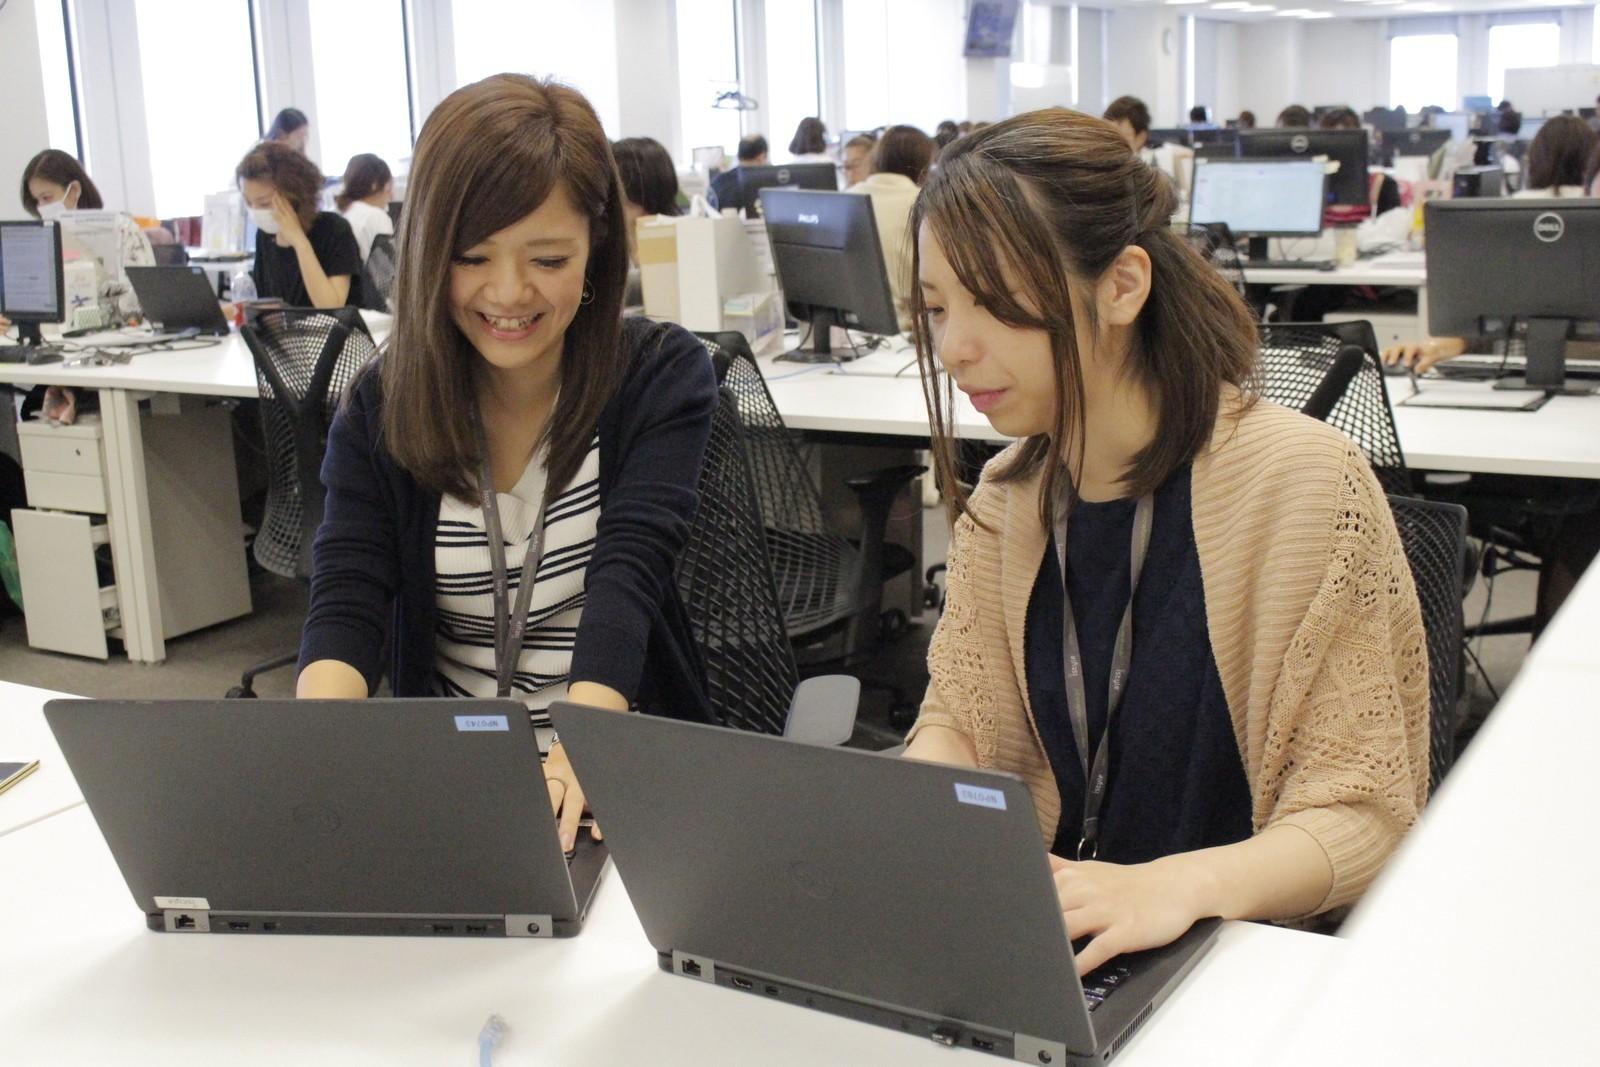 株式会社アイスタイル・月間3億PV・1400万UU、日本最大級のコスメ・美容の総合サイト「@cosme」を開発!